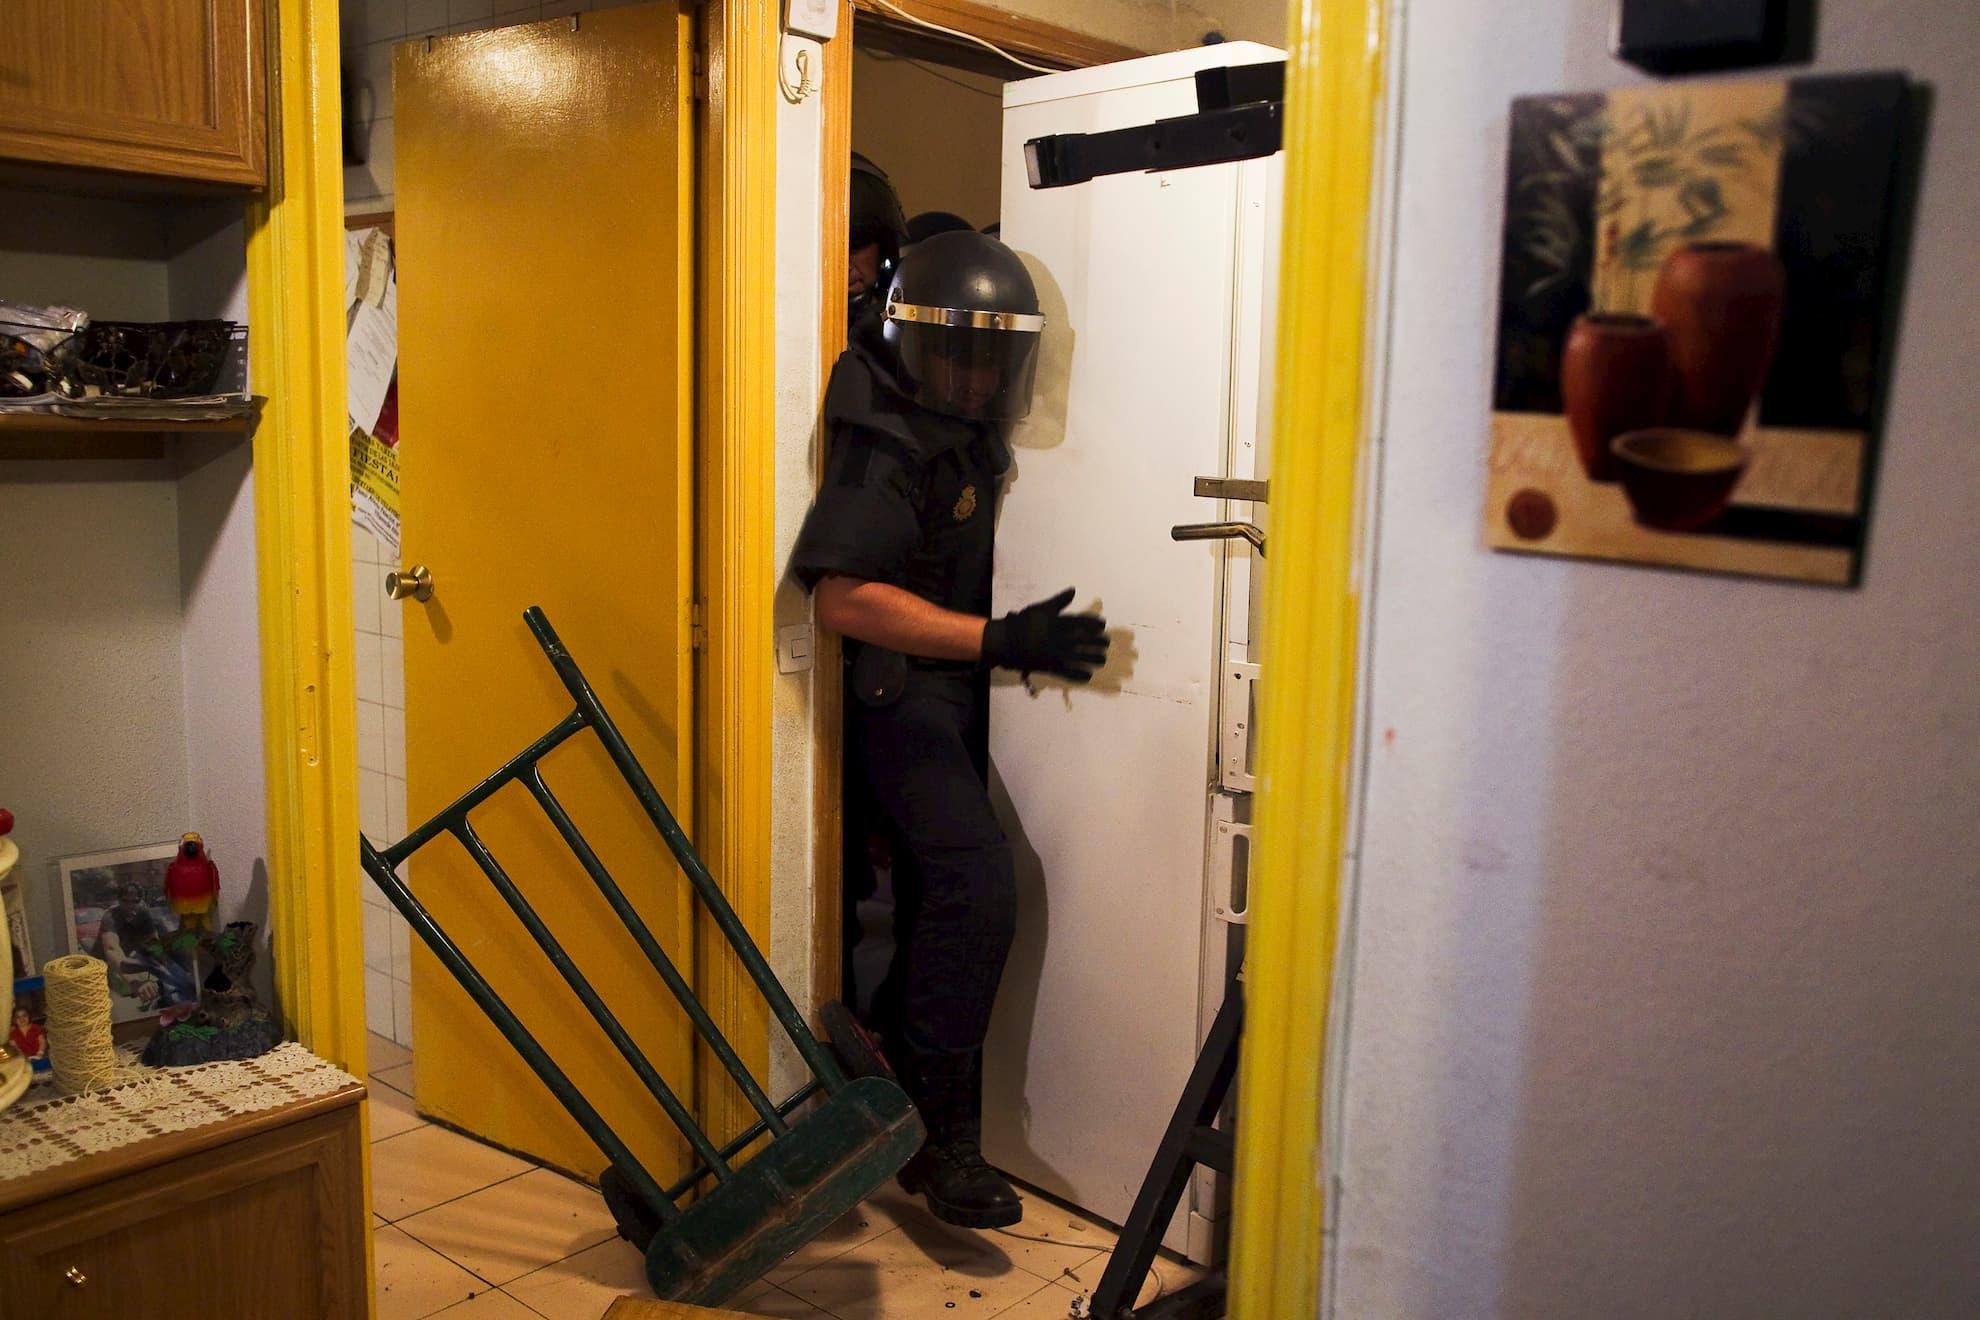 La policía irrumpe en la vivienda de Maria Isabel Rodríguez Romero para desahuciarla junto a su familia en Madrid, el miércoles 25 de septiembre de 2013. Romero y los seis miembros de su familia han estado viviendo en un piso de la EMVS (Empresa Municipal de la Vivienda y Suelo) durante 24 años y tenían una deuda de 1.200 euros.